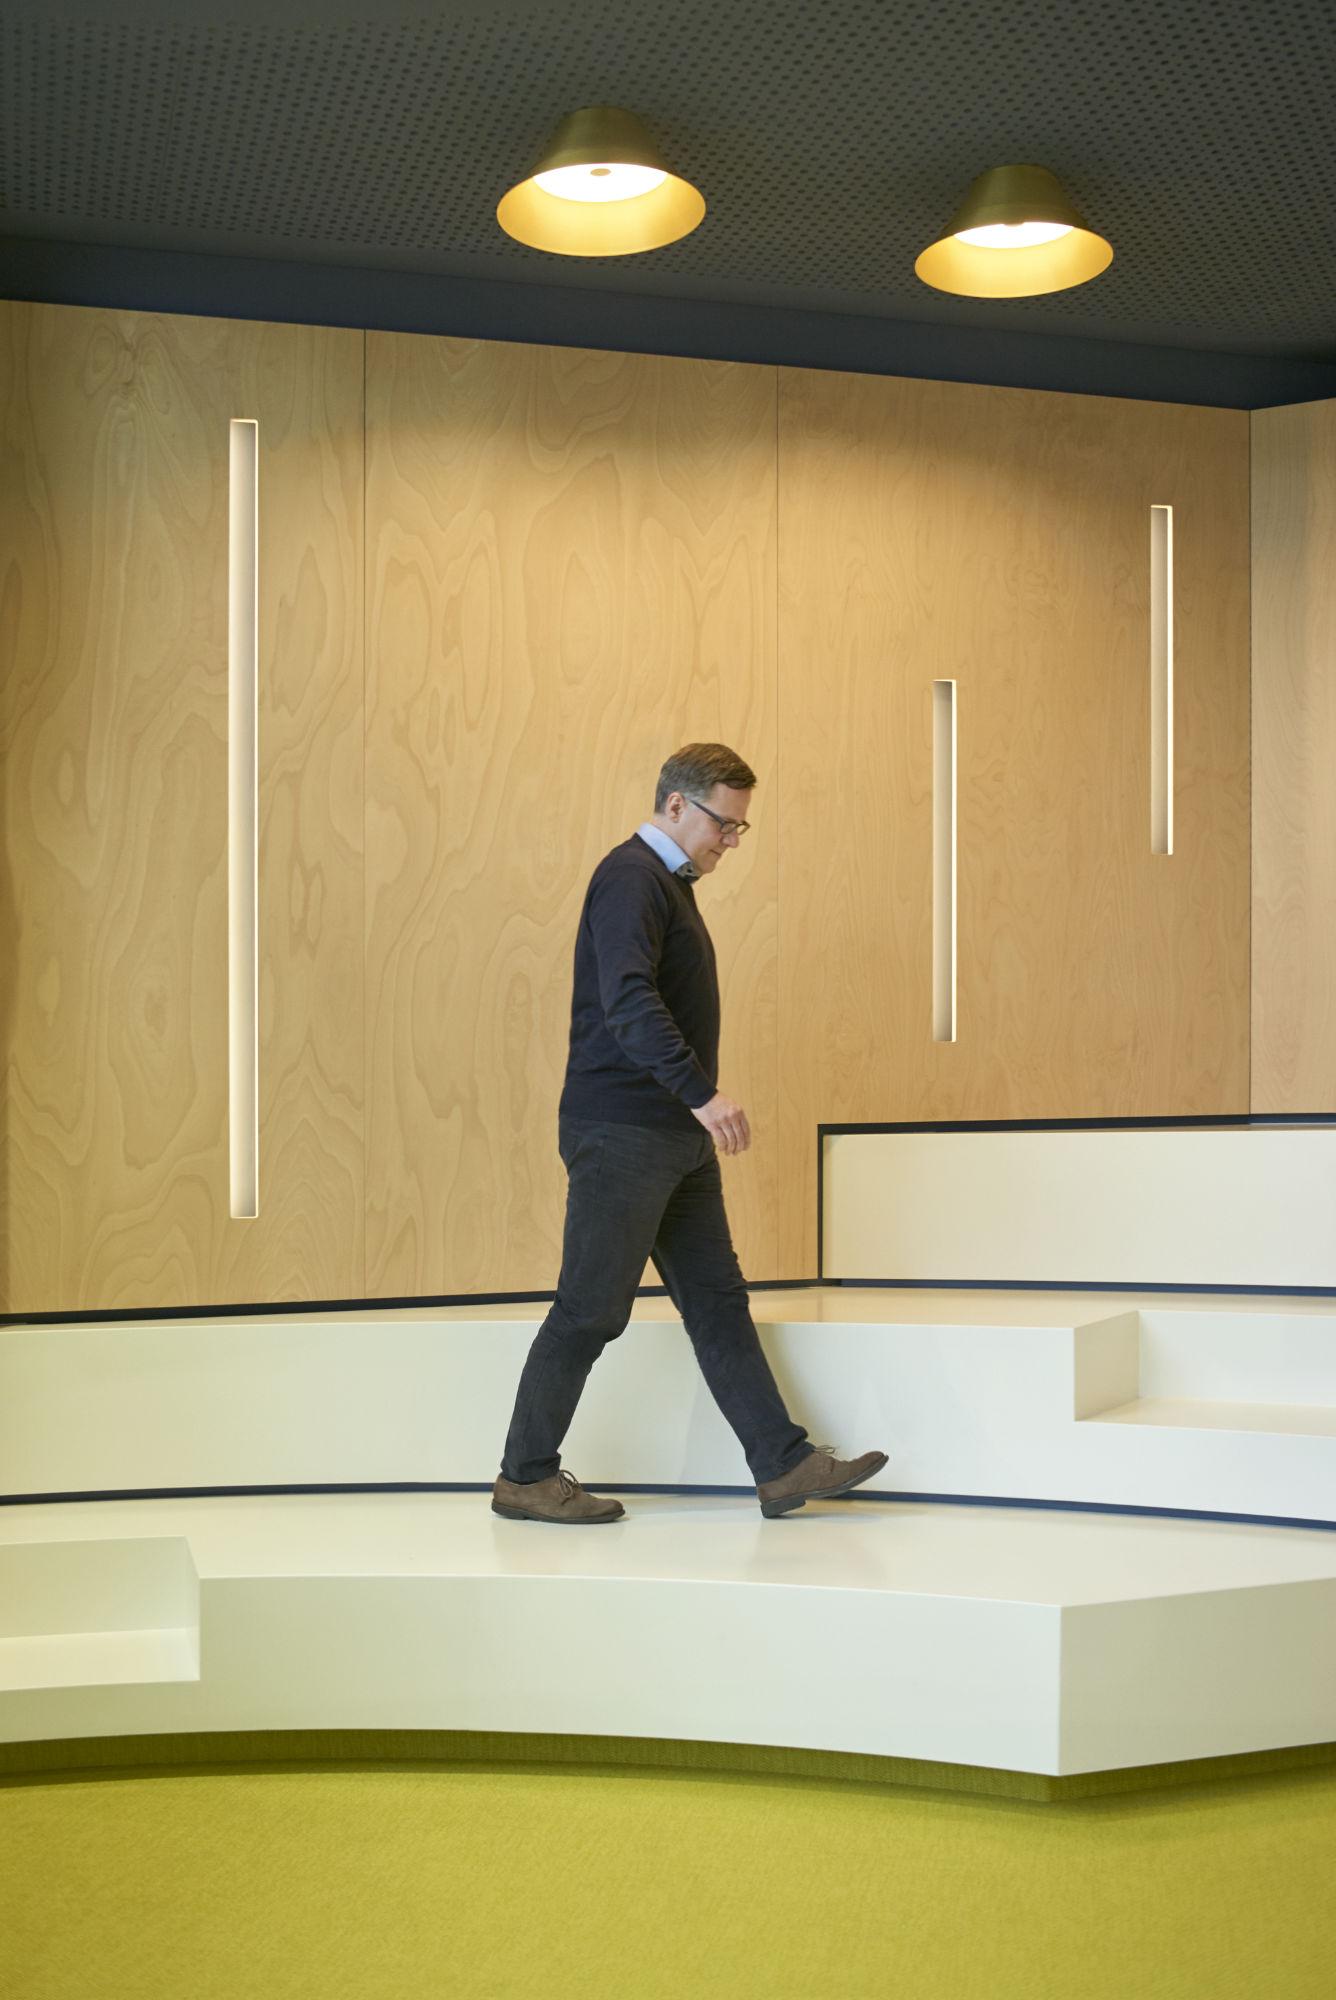 Geschäftsführer läuft auf Bank in Auditorium und blickt nach vorne unten